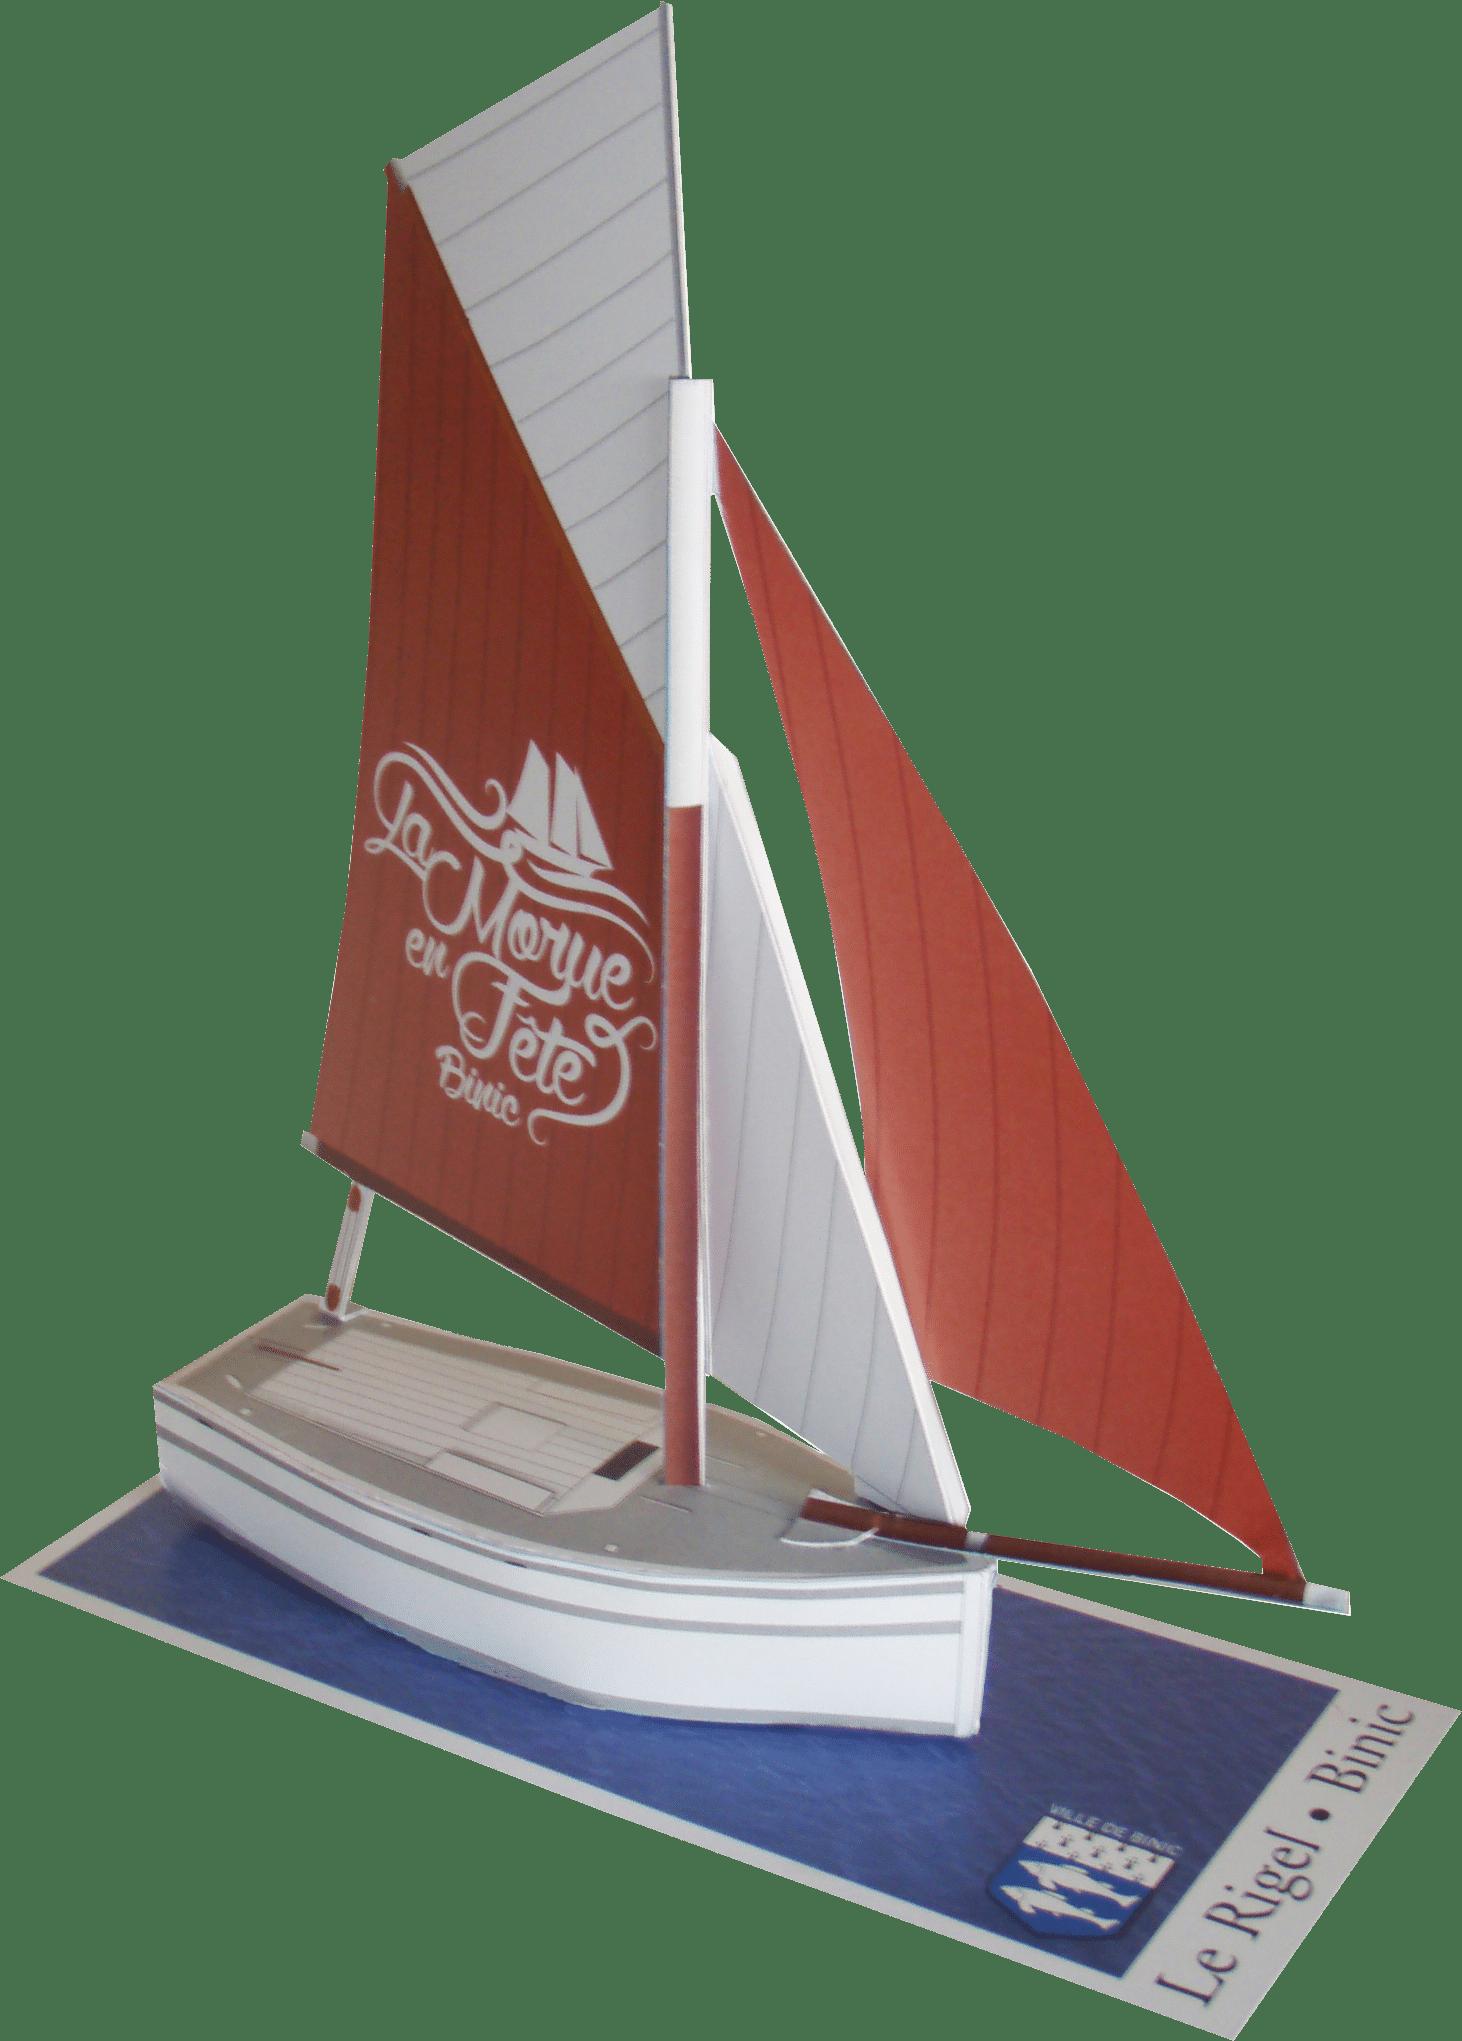 Maquette so-boat du Rijel, le bateau emblématique de la fête de la morue à Binic